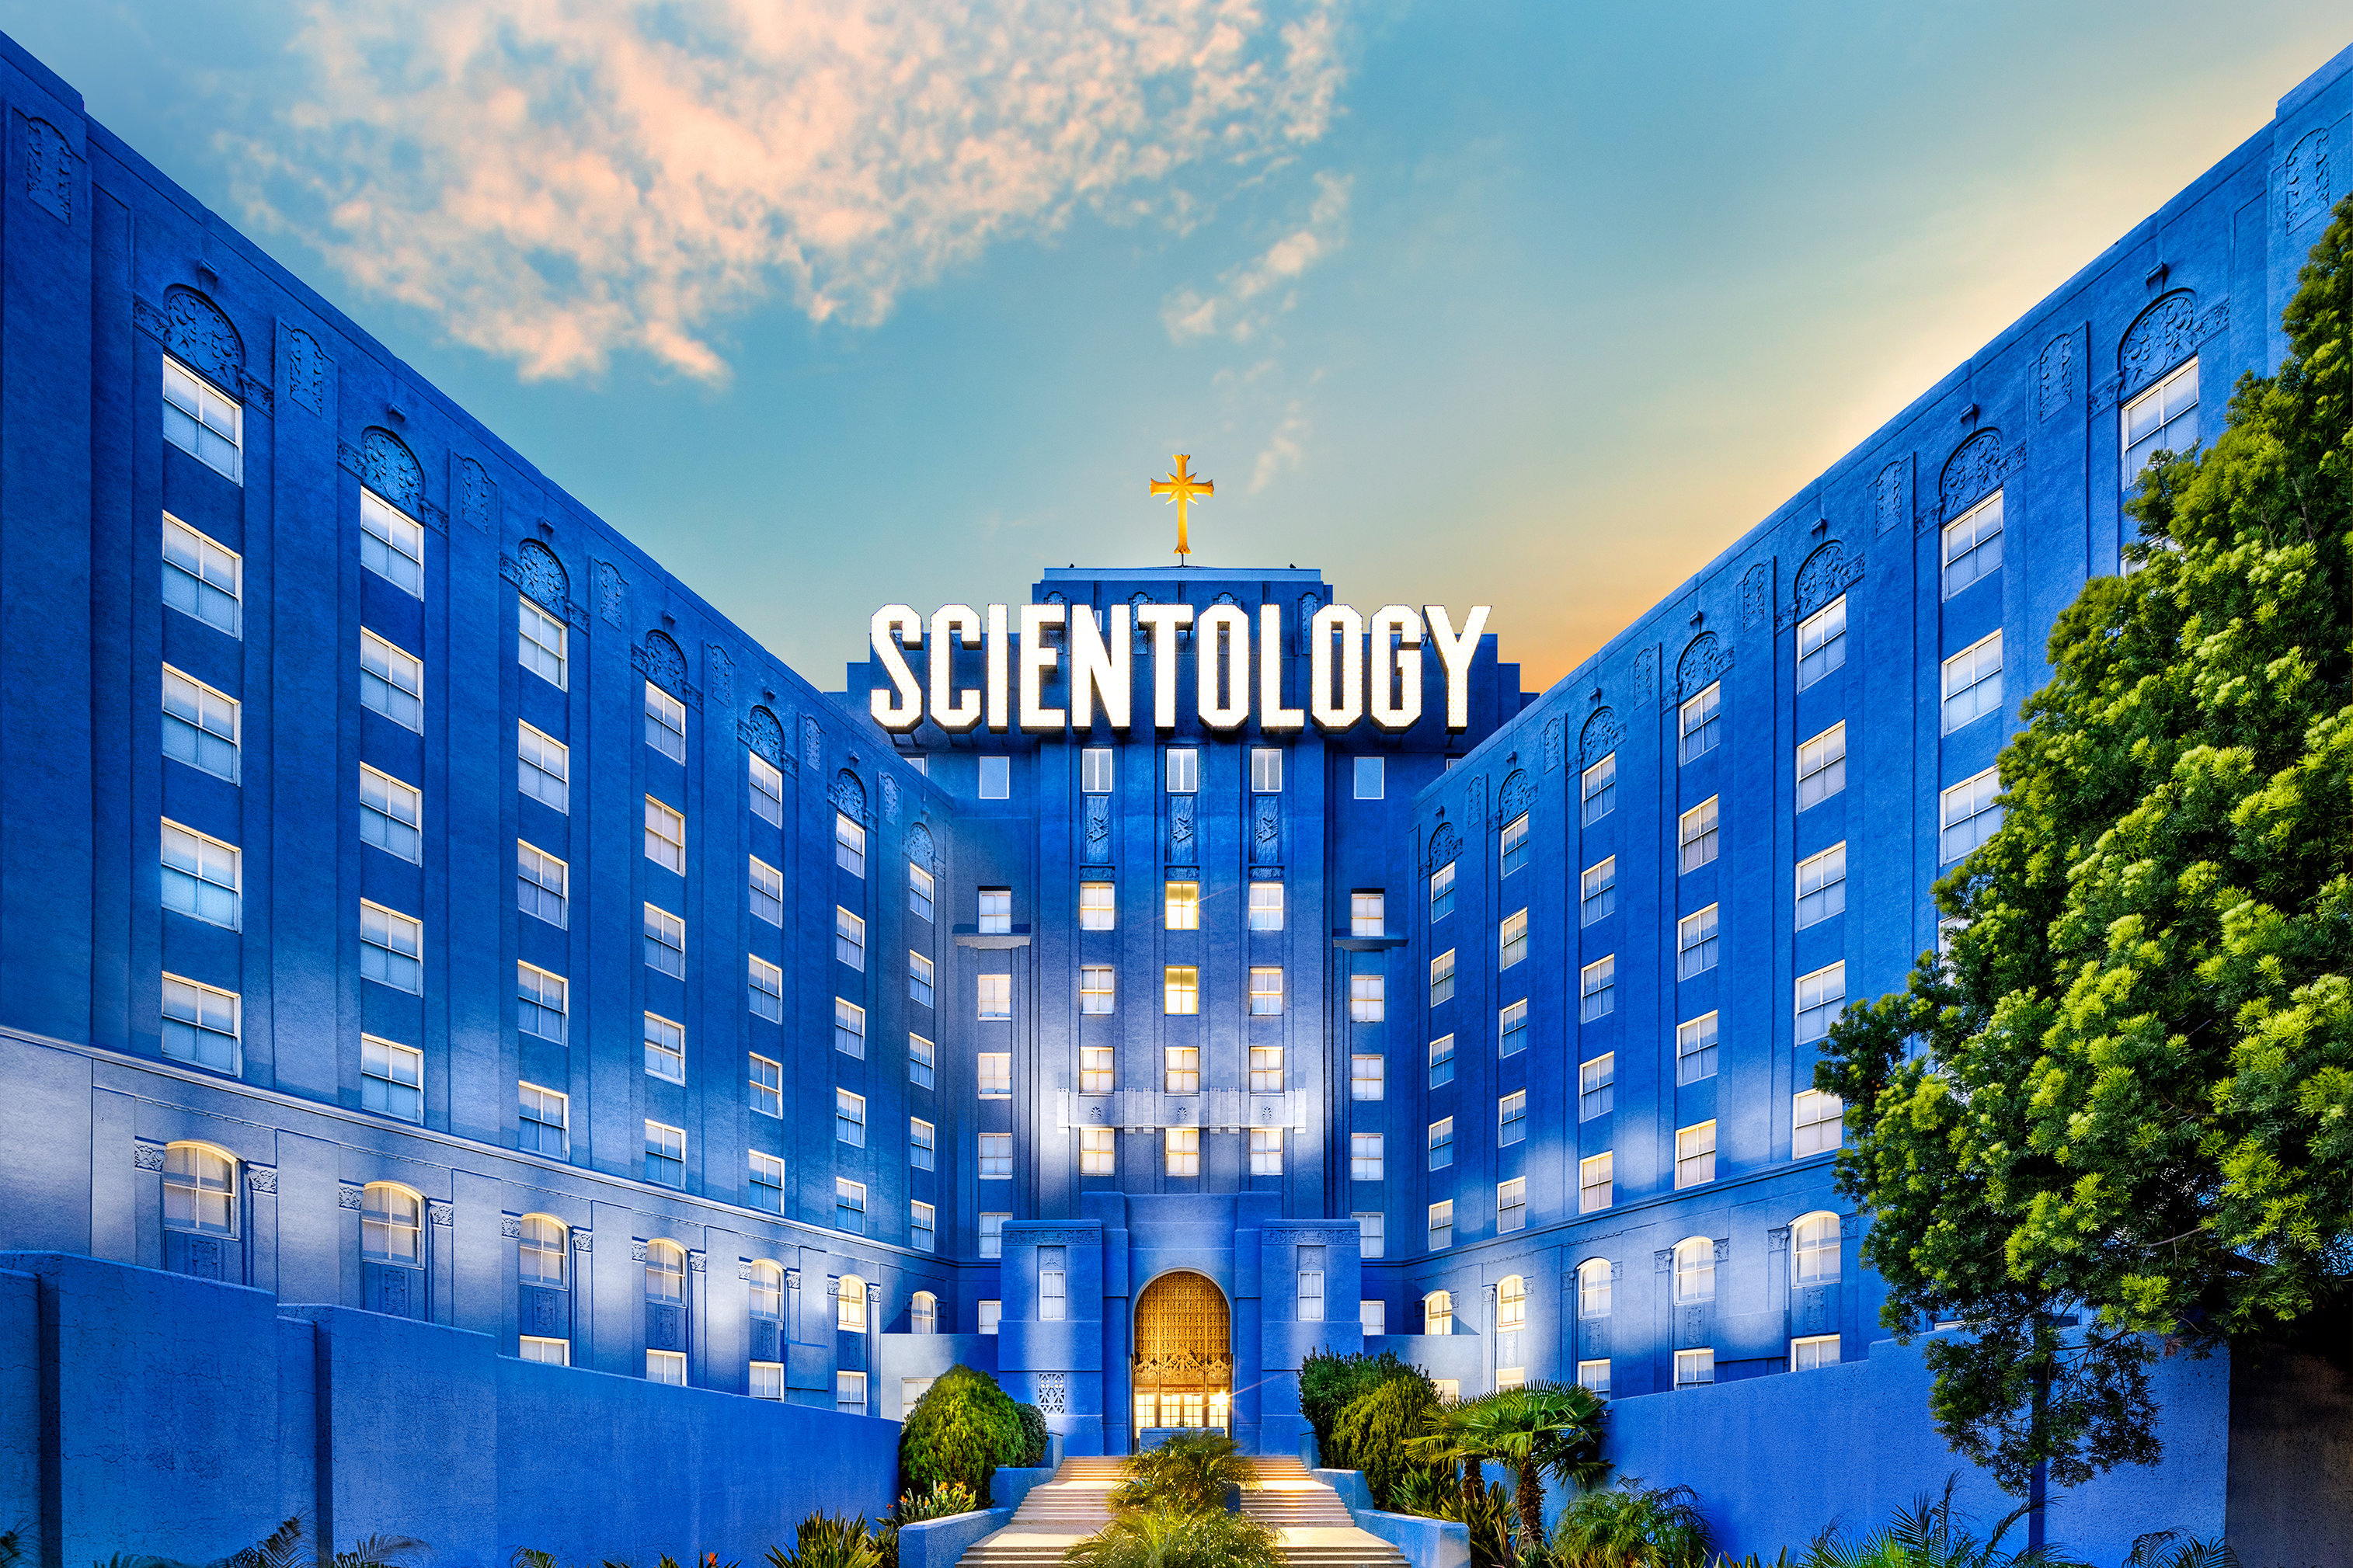 Inside Scientology